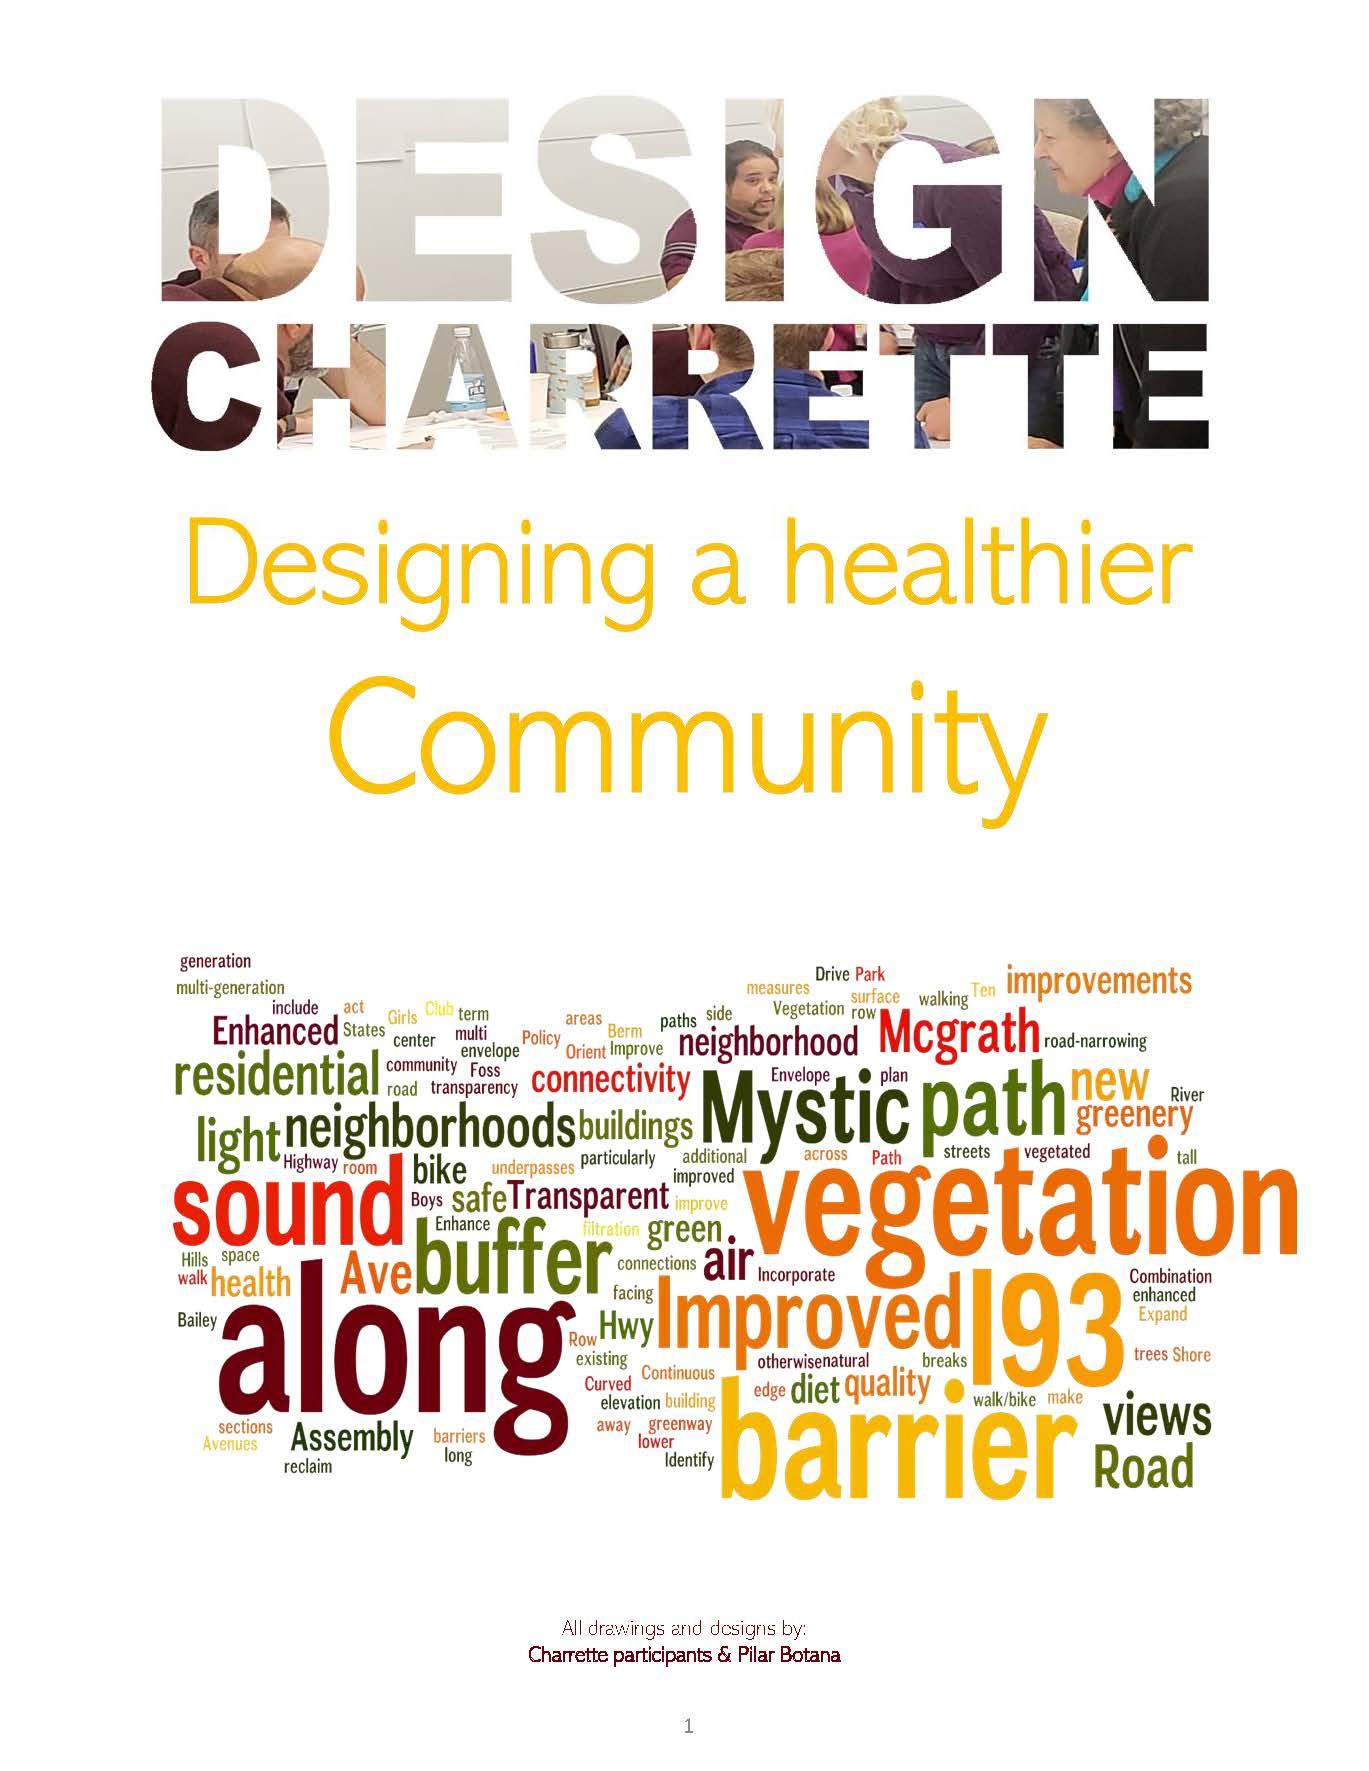 Design Charrette